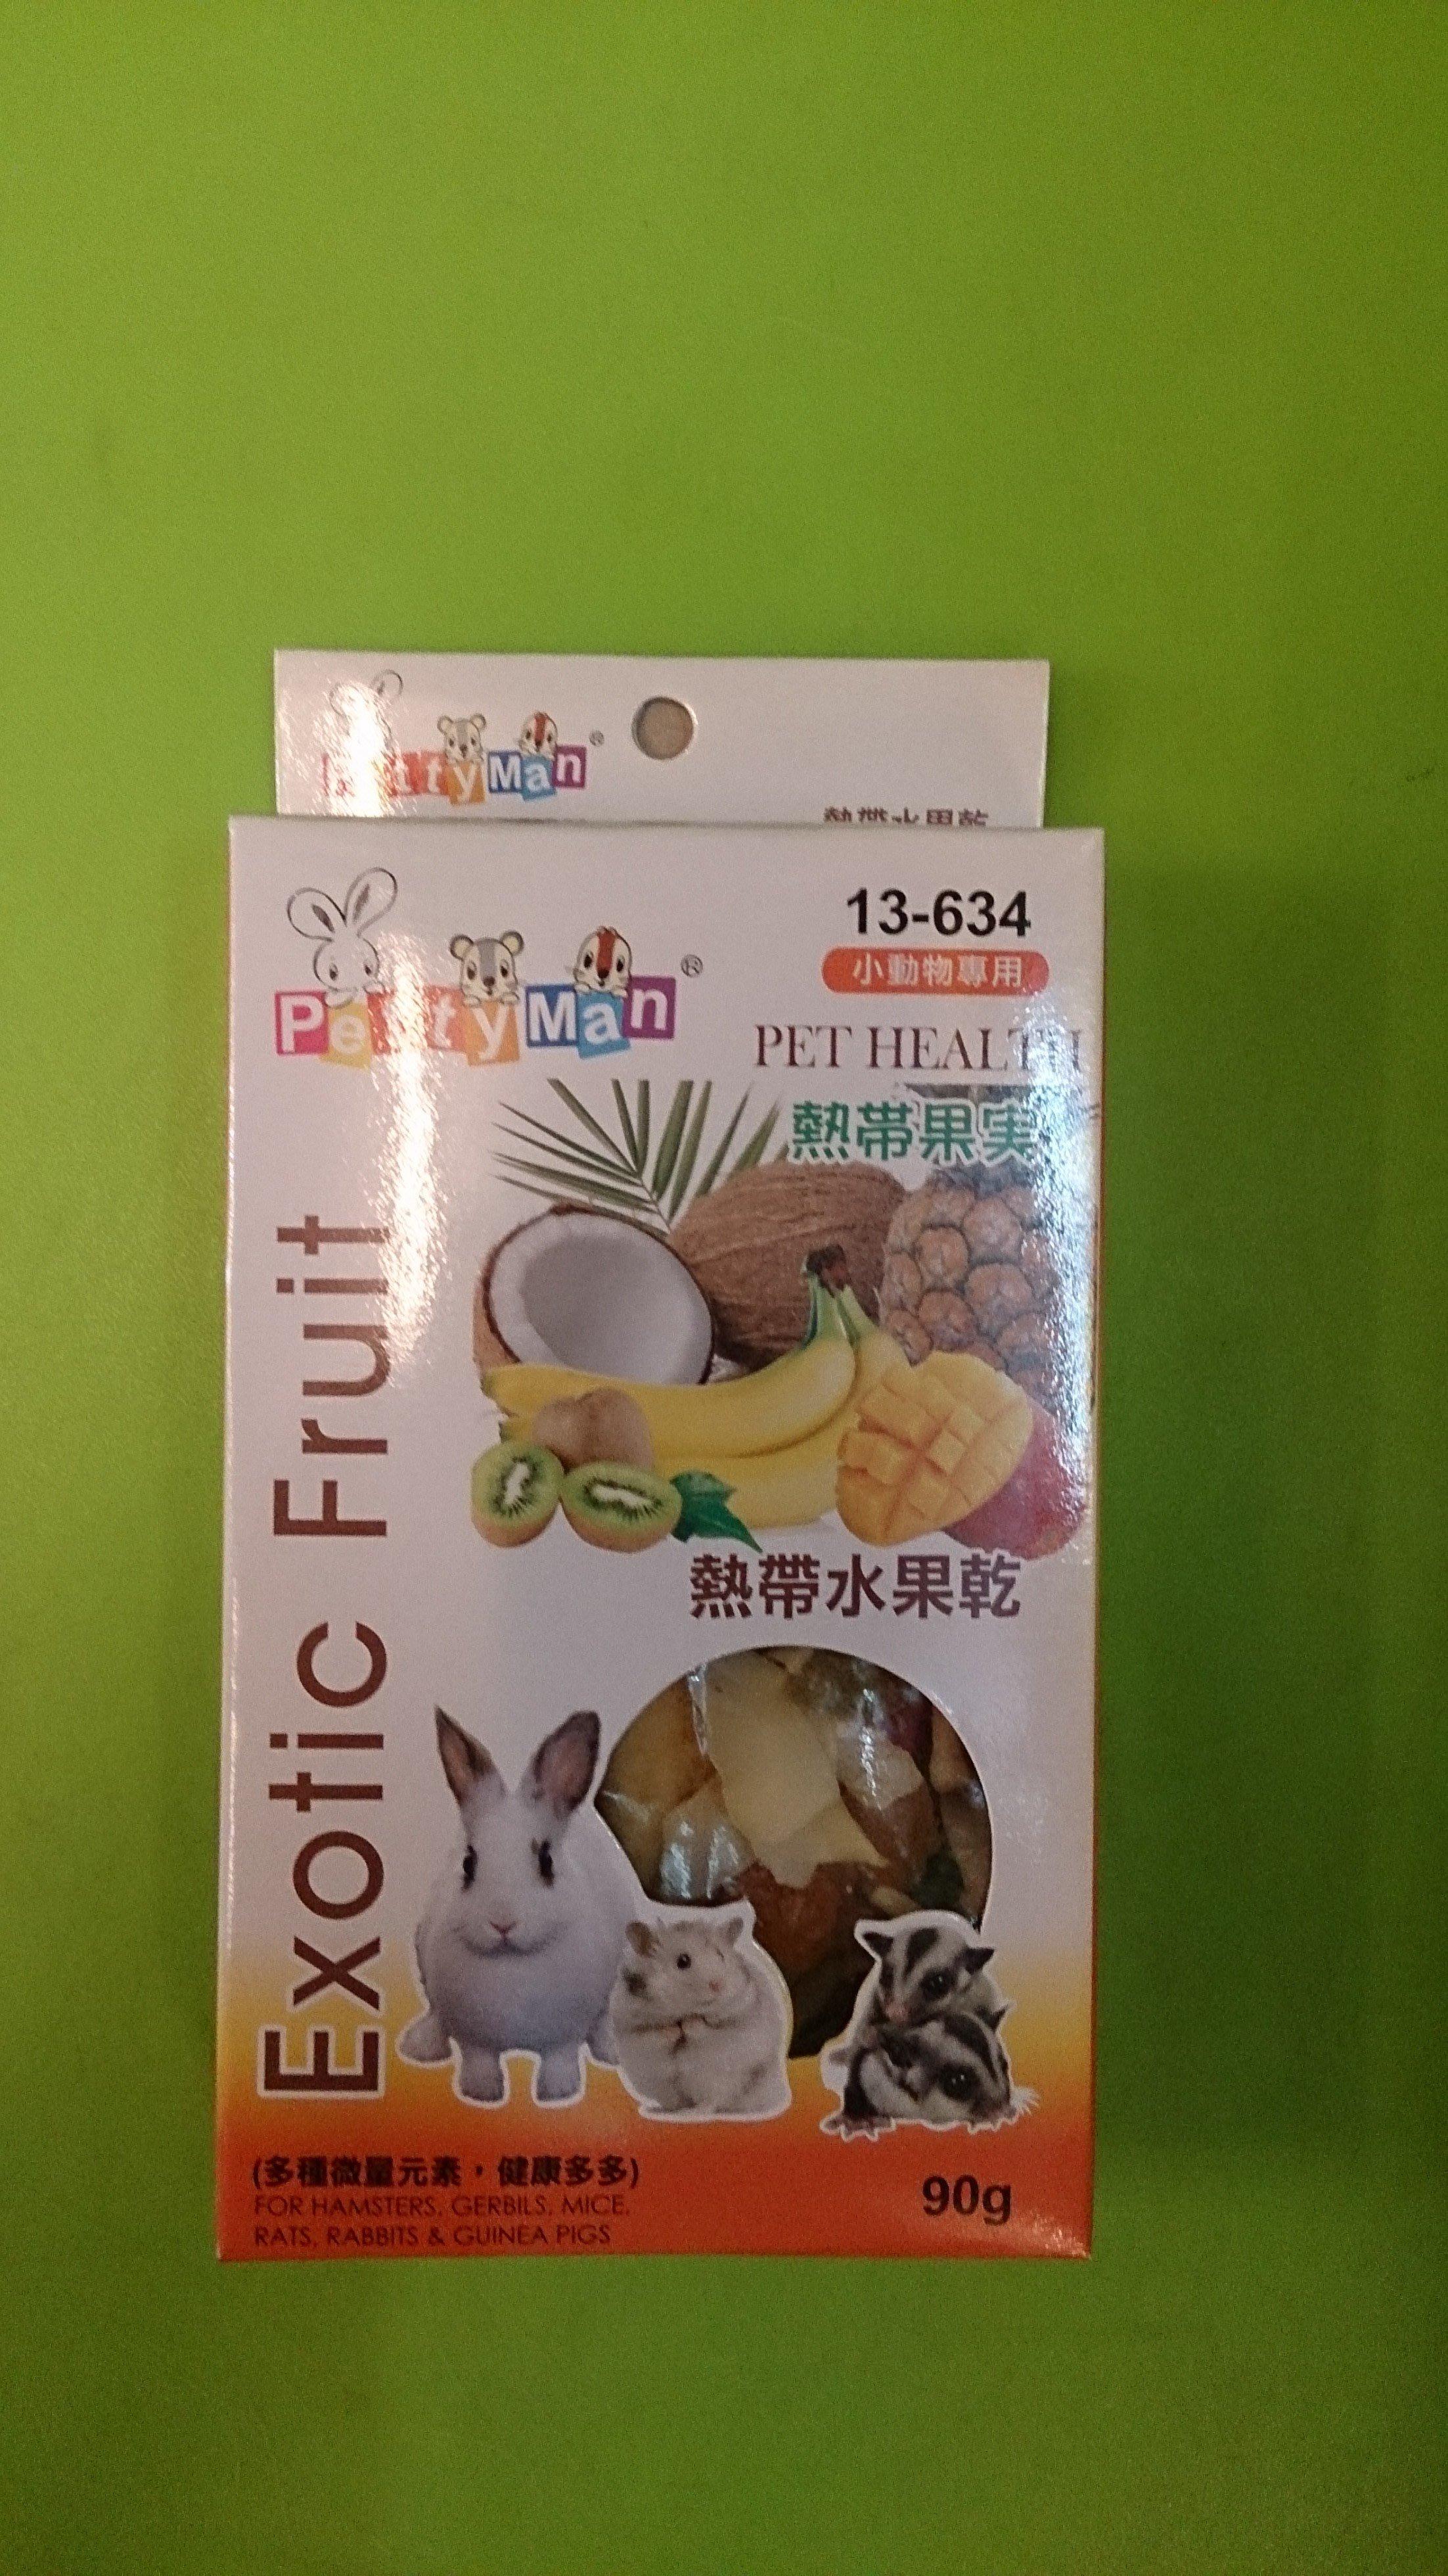 【寵物巿集n】Petty Man小動物專用天然水果乾系列《熱帶水果乾口味》寵物鼠、兔子、蜜袋鼯皆可食用  90克/包